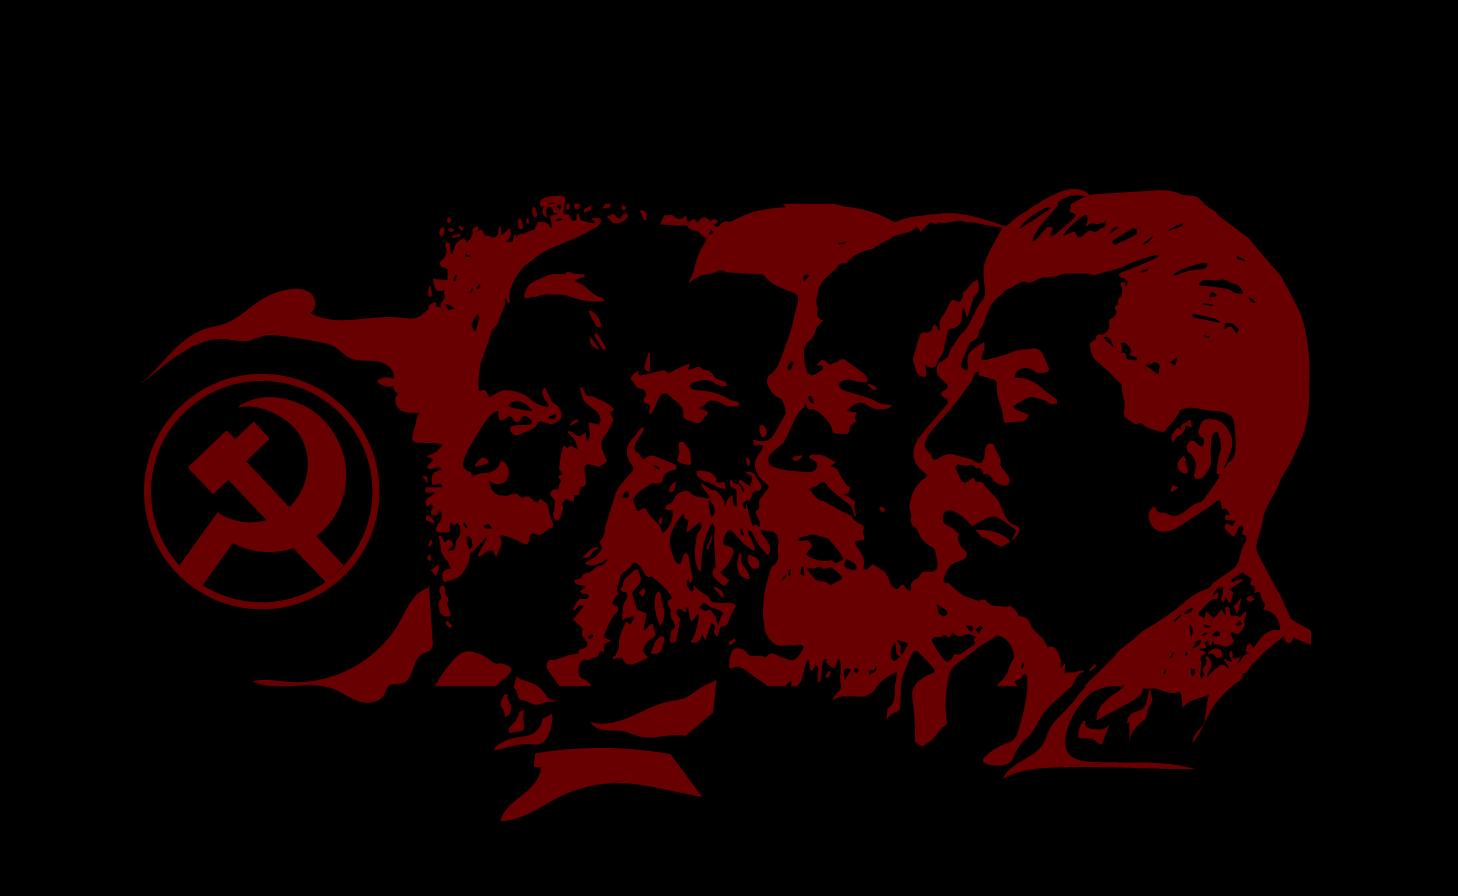 De los bolcheviques a los bolichicos: 100 años de la Revolución Rusa